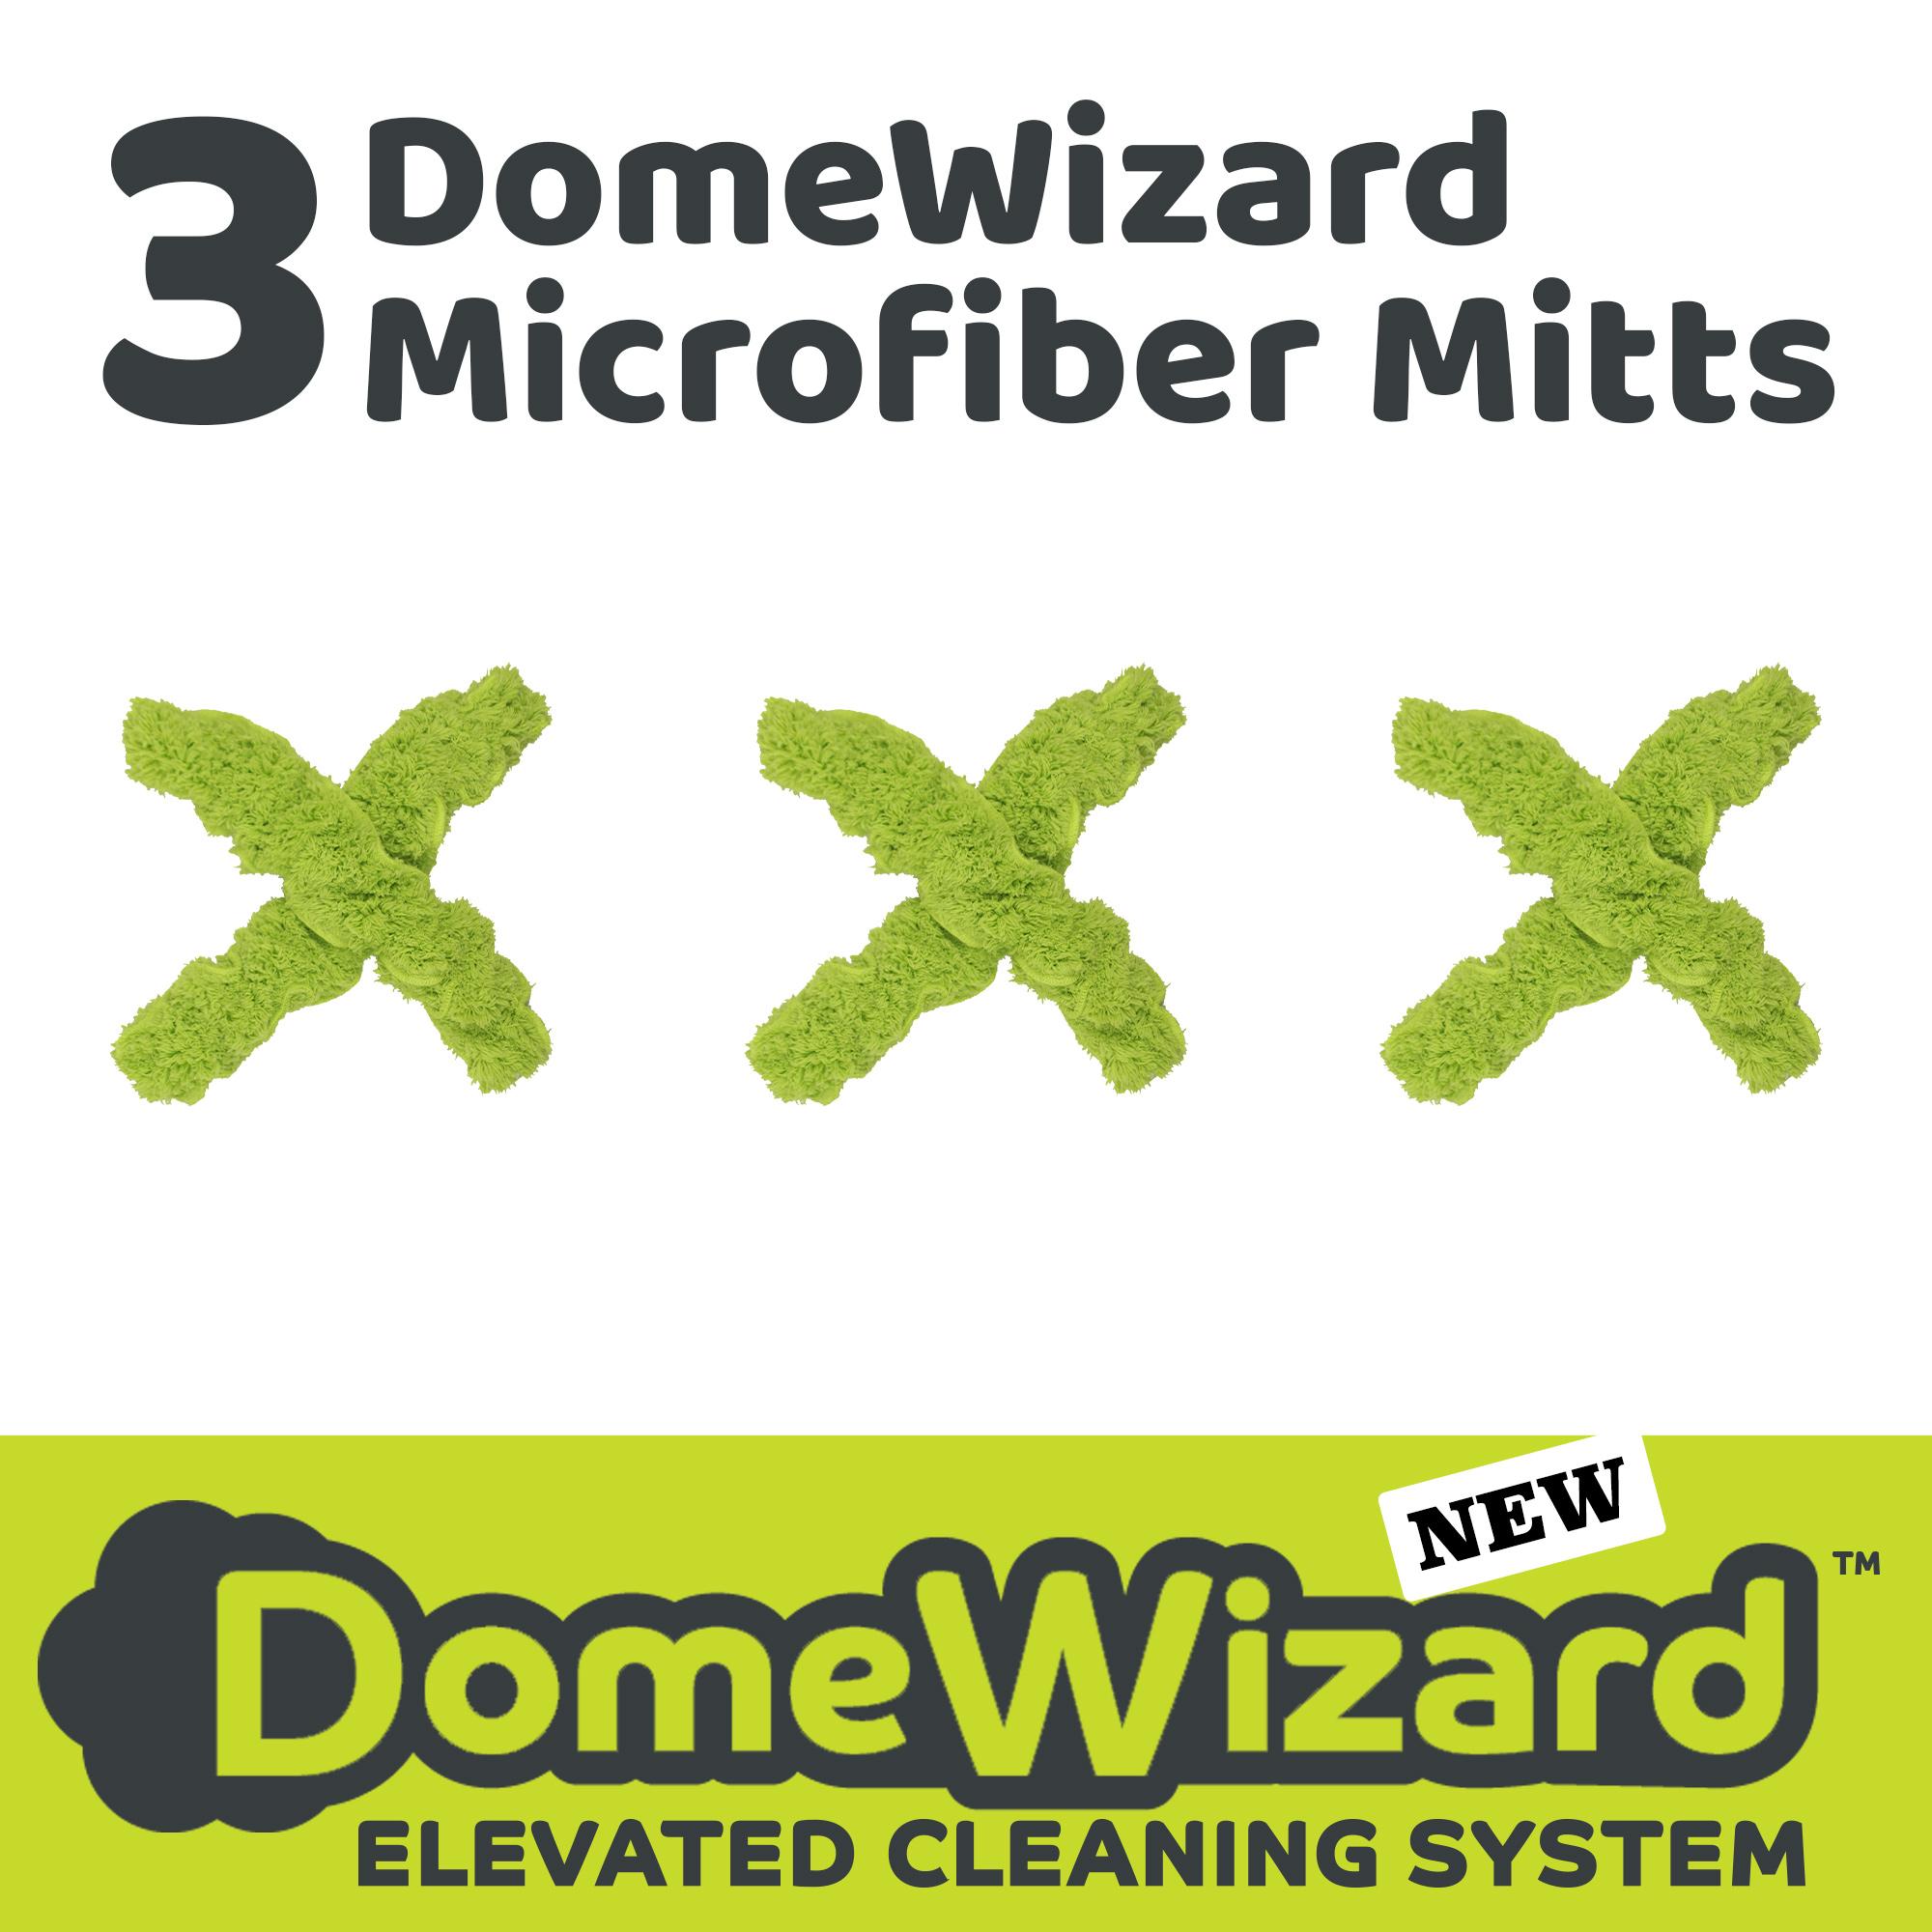 3 DomeWizard Microfiber Mitts (DW-3MIT-PRO)